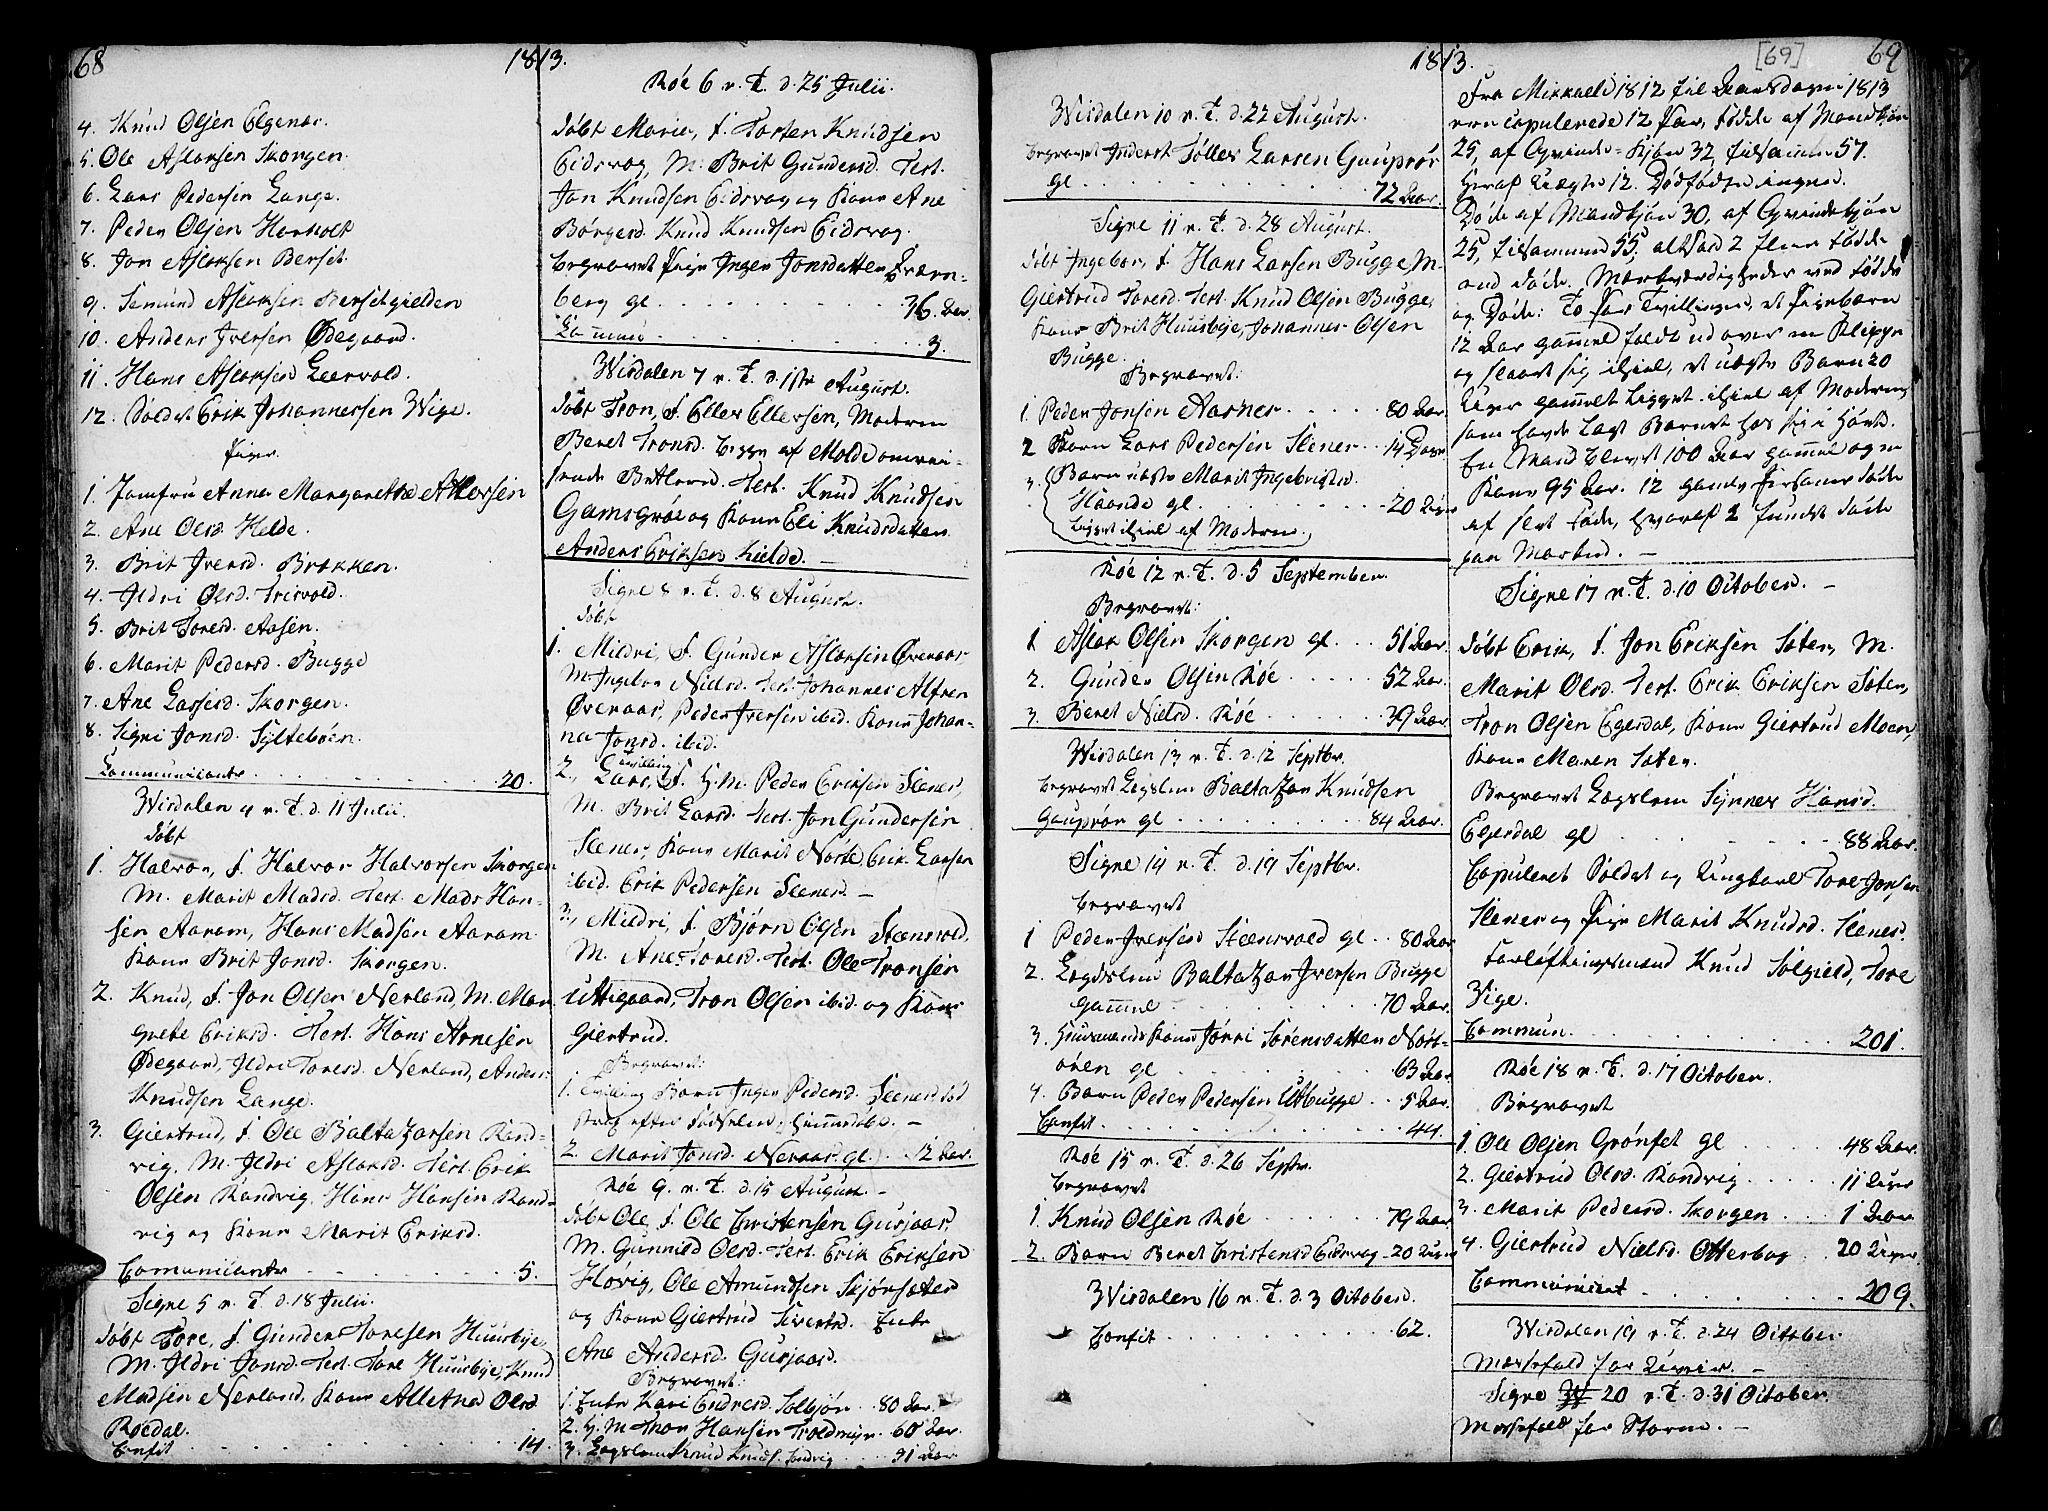 SAT, Ministerialprotokoller, klokkerbøker og fødselsregistre - Møre og Romsdal, 551/L0622: Ministerialbok nr. 551A02, 1804-1845, s. 68-69